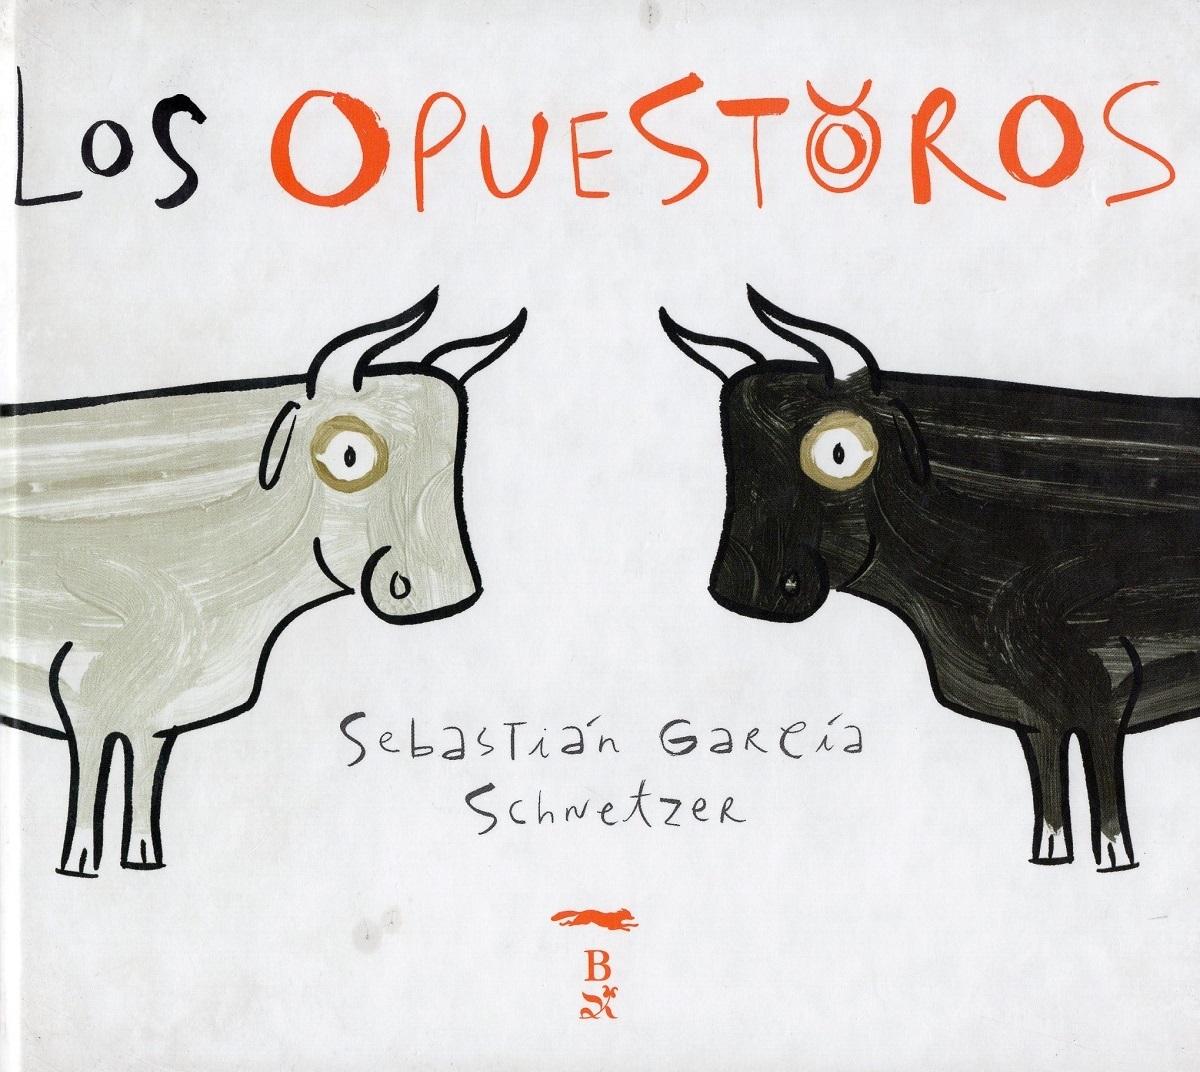 LOS OPUESTOROS